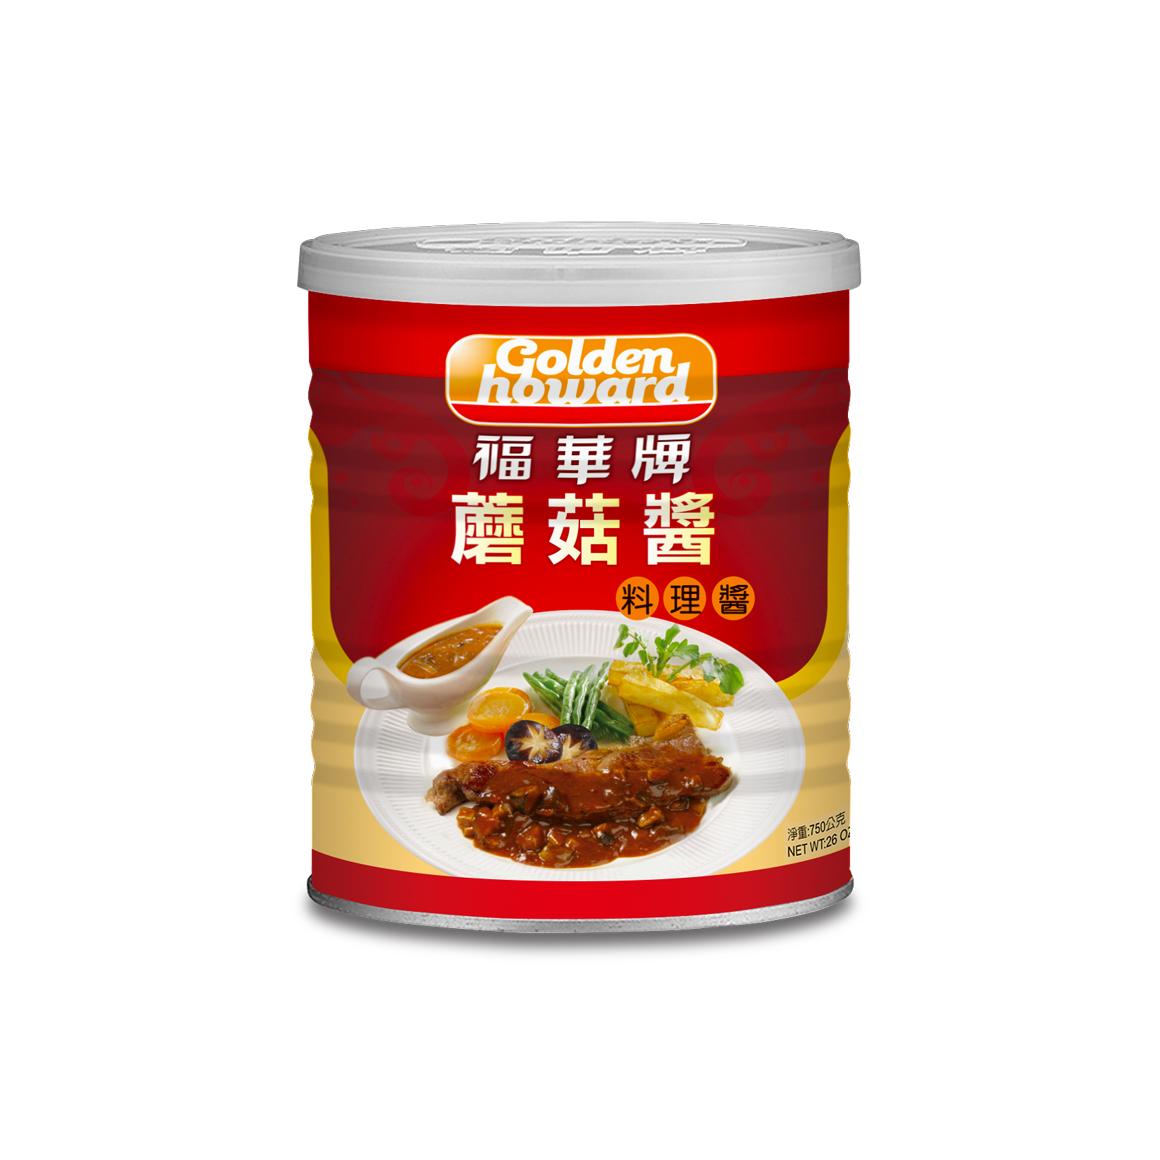 20200602-B321-09福華牌蘑菇醬750g-罐裝易開-官網1160x1160